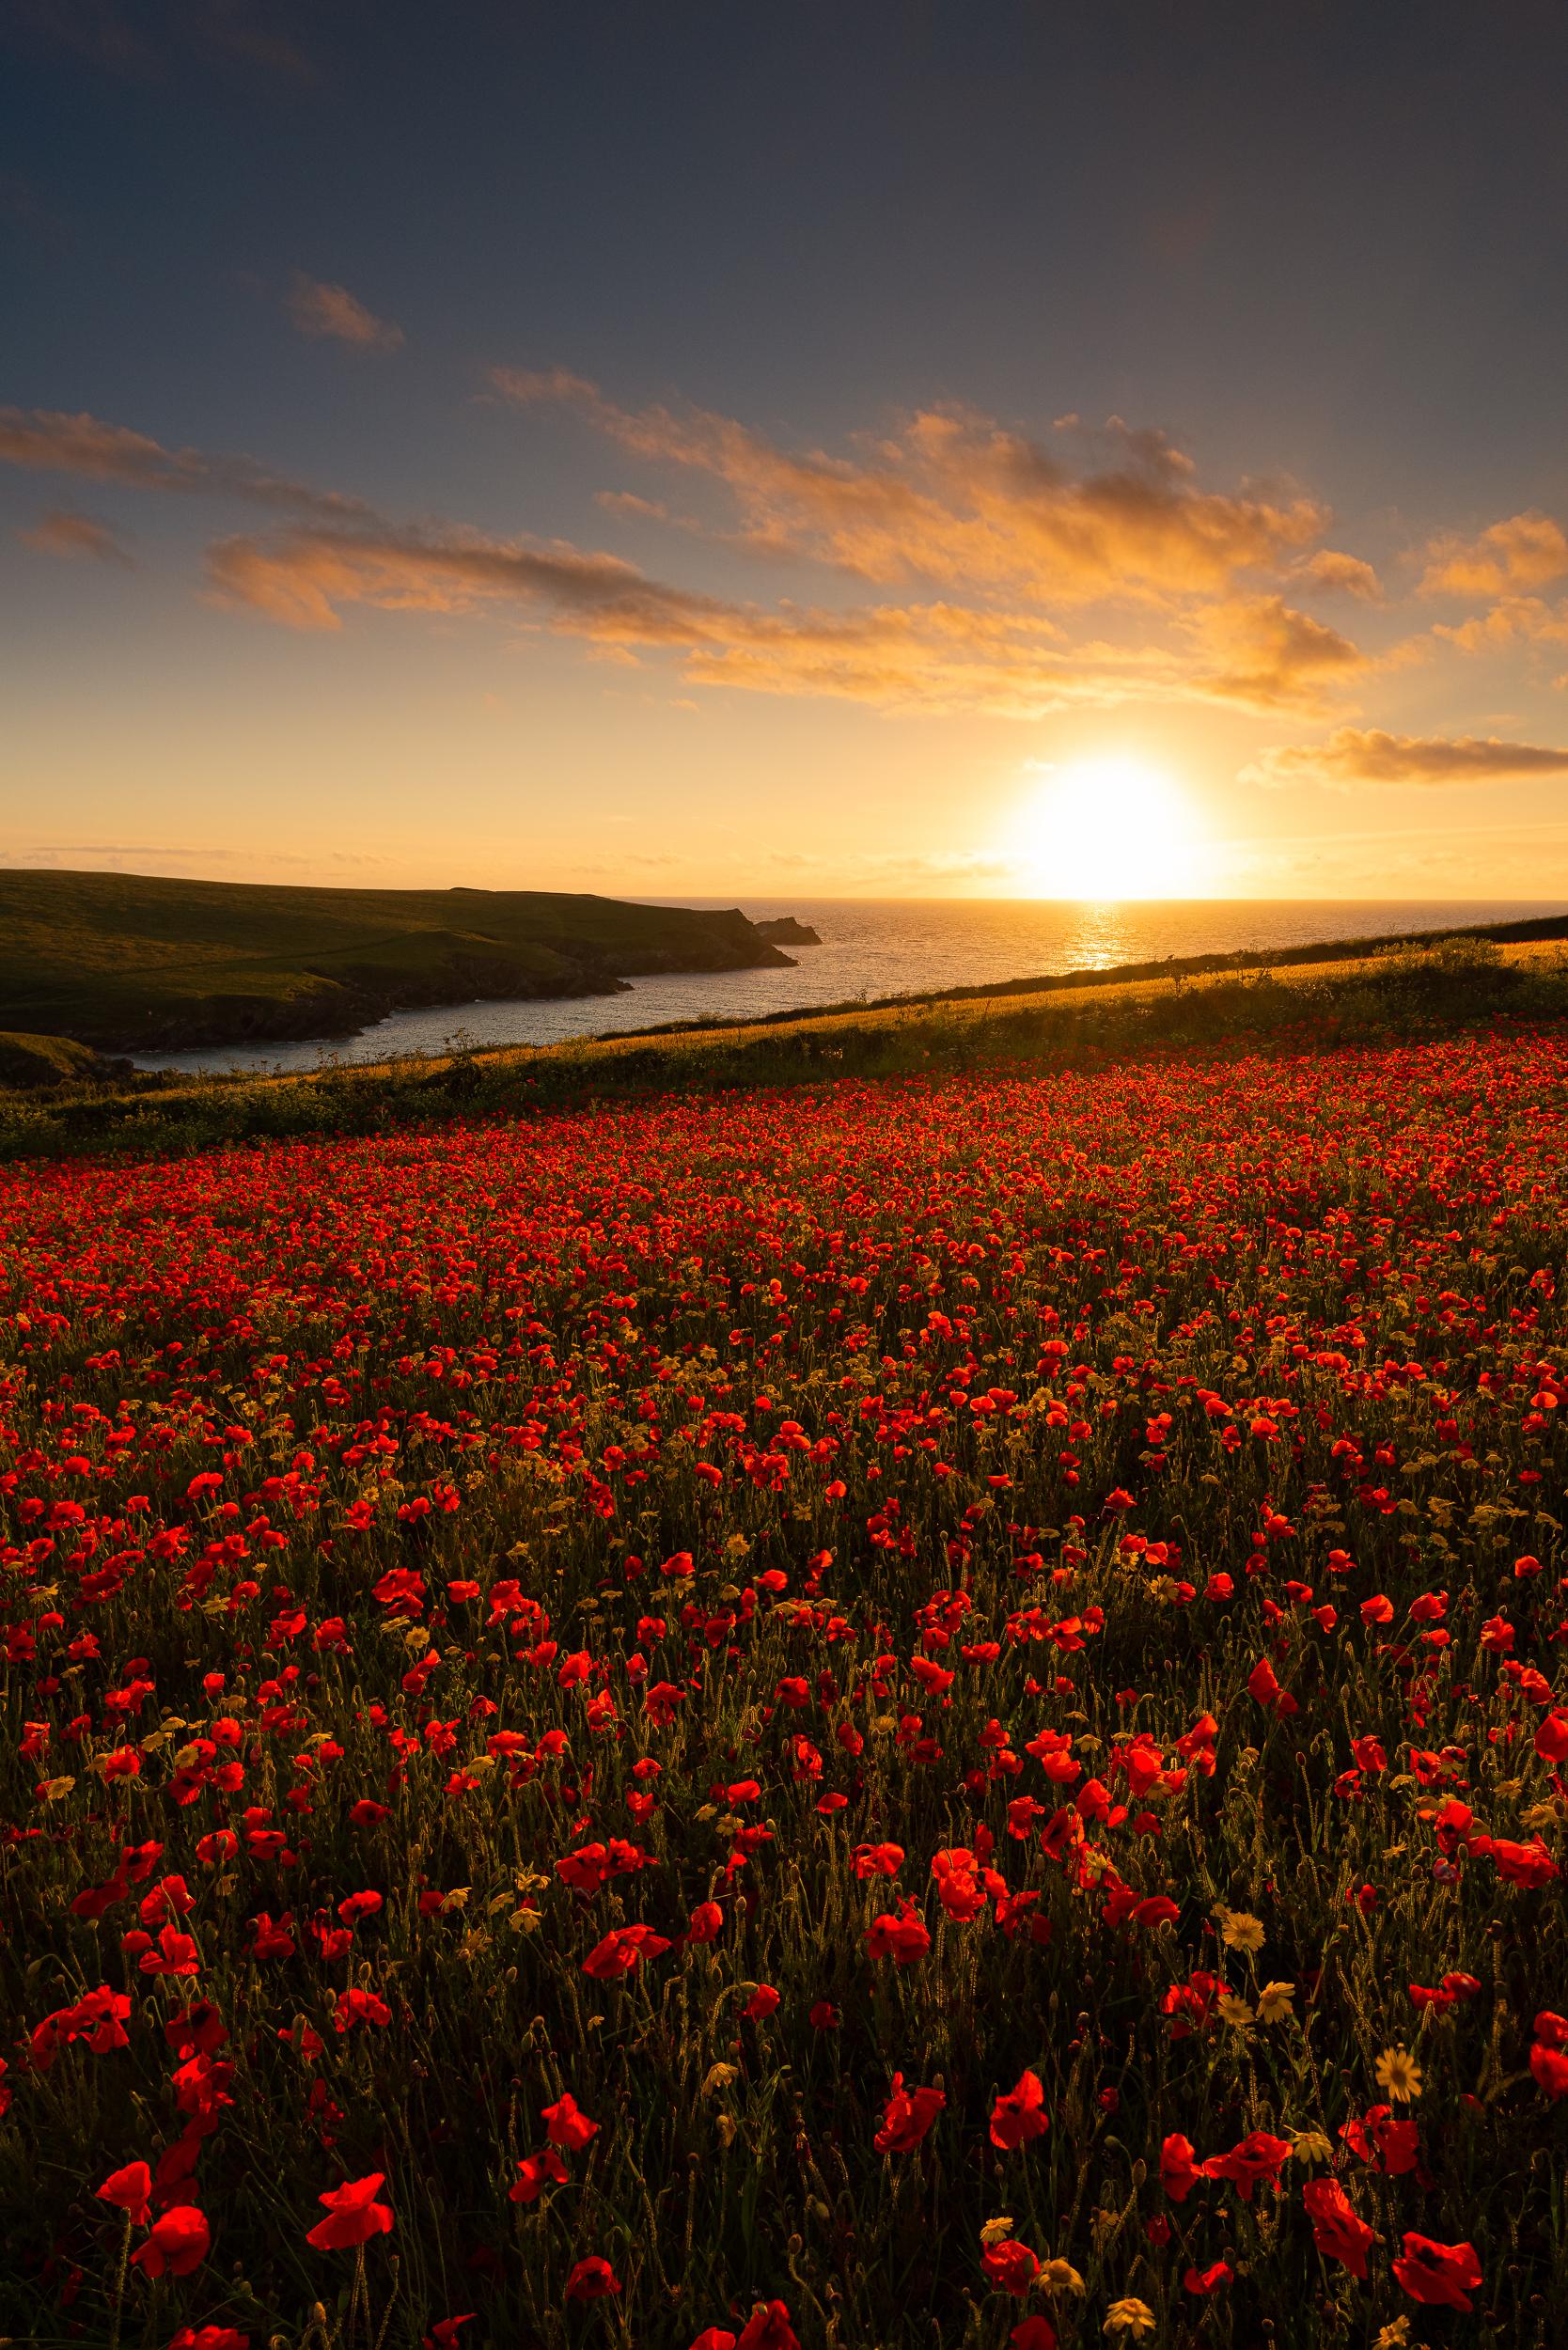 wildflowers-poppies-sunset.jpg